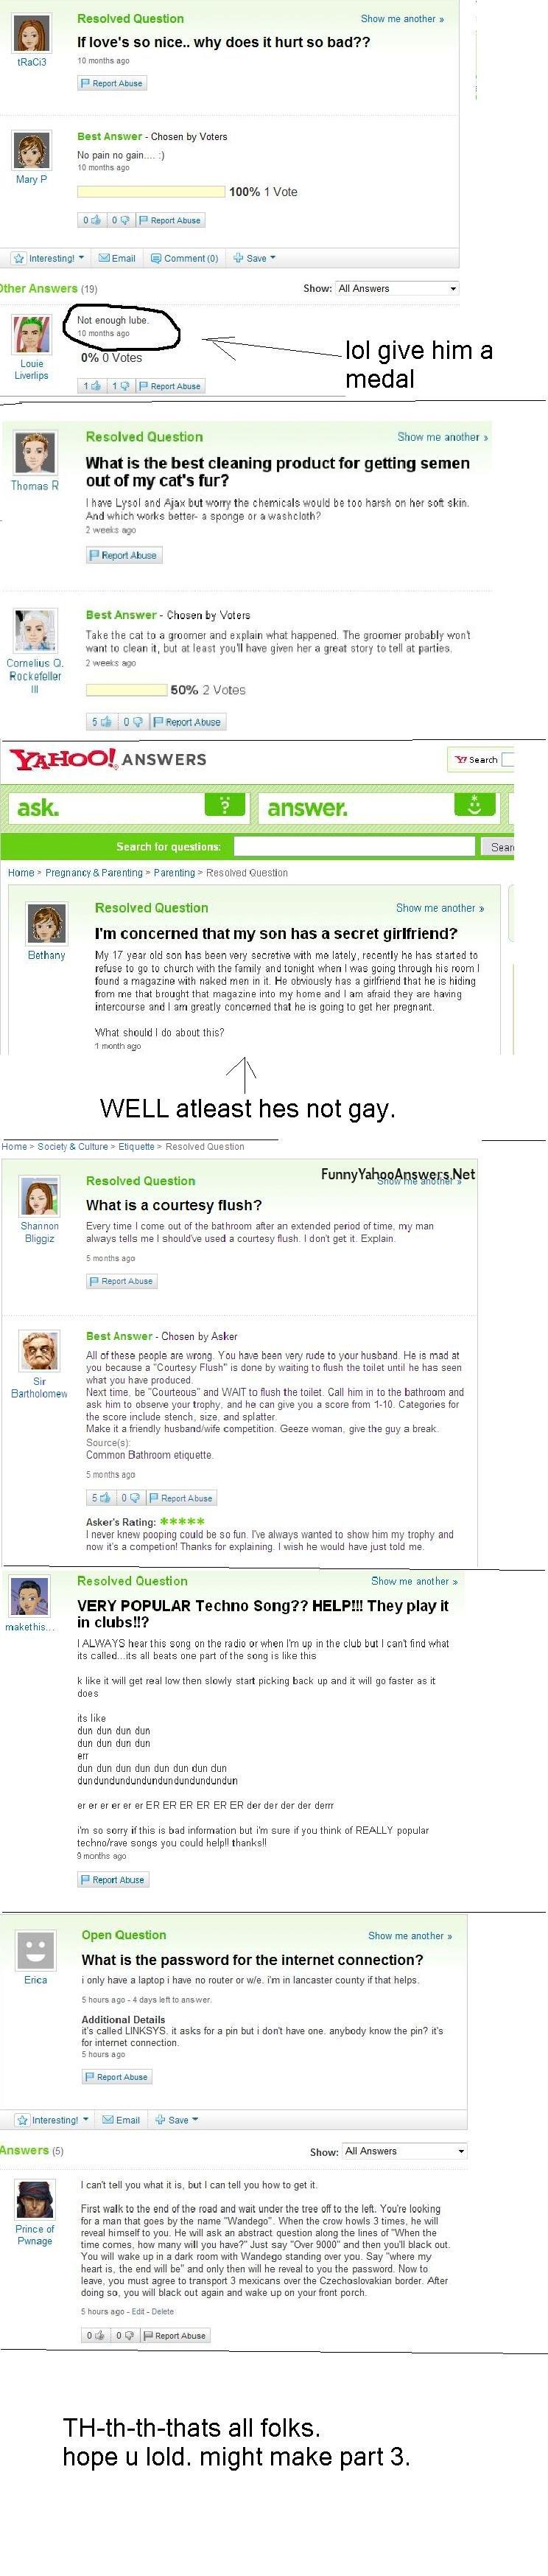 fanny yahoo question part 2. hope u lold part 1 ---> funnyjunk.com/funny_pictures/974792/funny+yahoo+questions/<br /> part 3 -----&